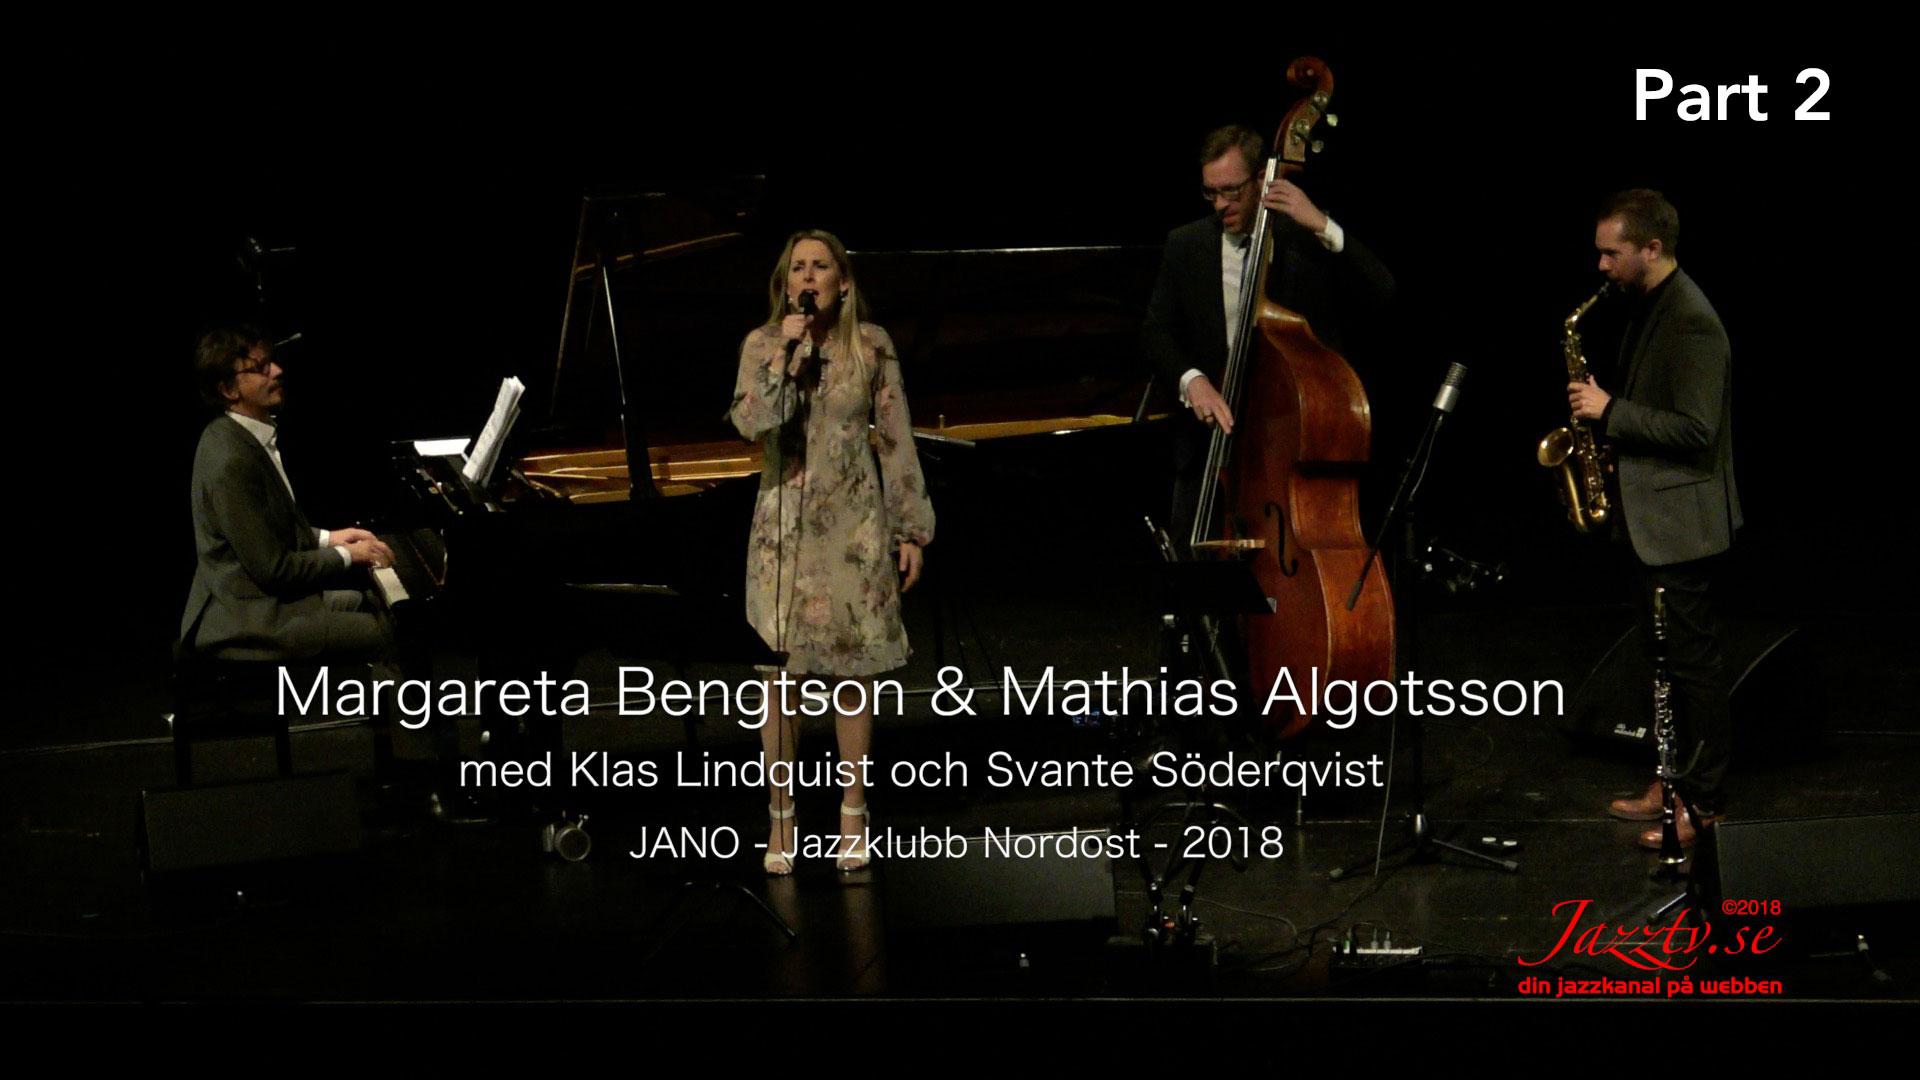 Margareta Bengtson & Mathias Algotsson